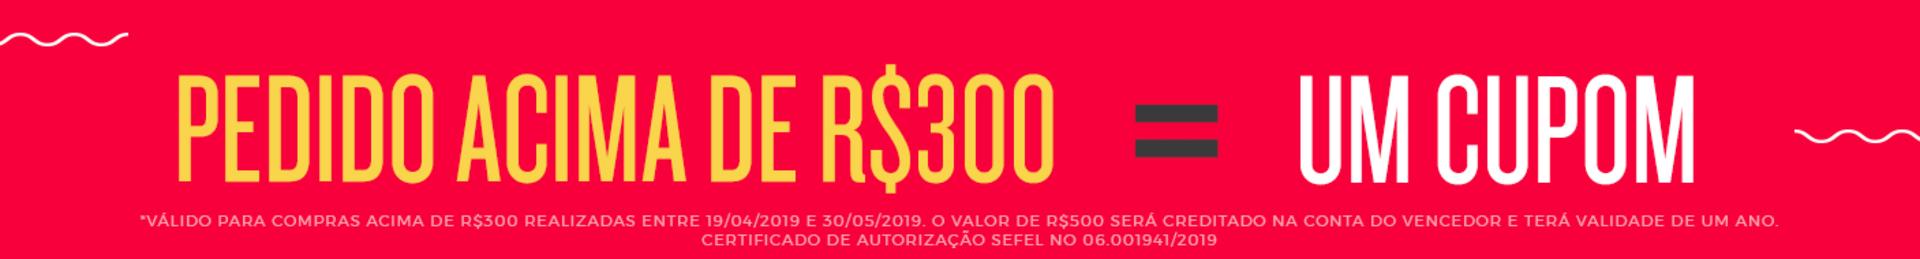 *Válido para compras acima de R$300 realizadas entre 19/04/2019 e 30/05/2019. O valor de R$500 será creditado na conta do vencedor e terá validade de um ano. **Certificado de autorização SEFEL N.O. 06 001941/2019 ***Confira o regulamento completo em evi.no/regulamento.